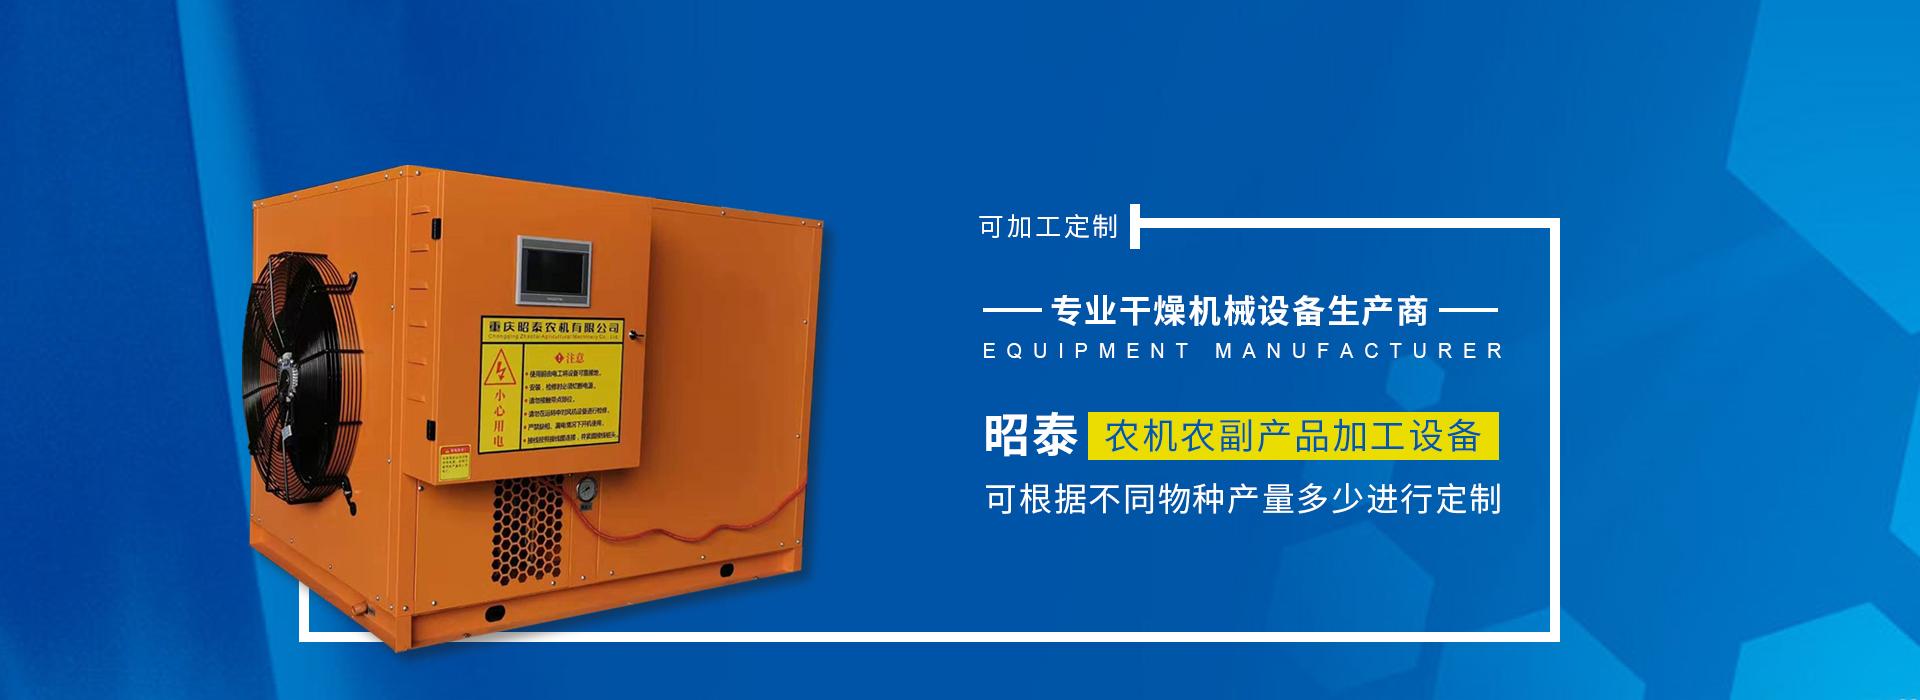 重庆烘干机厂家